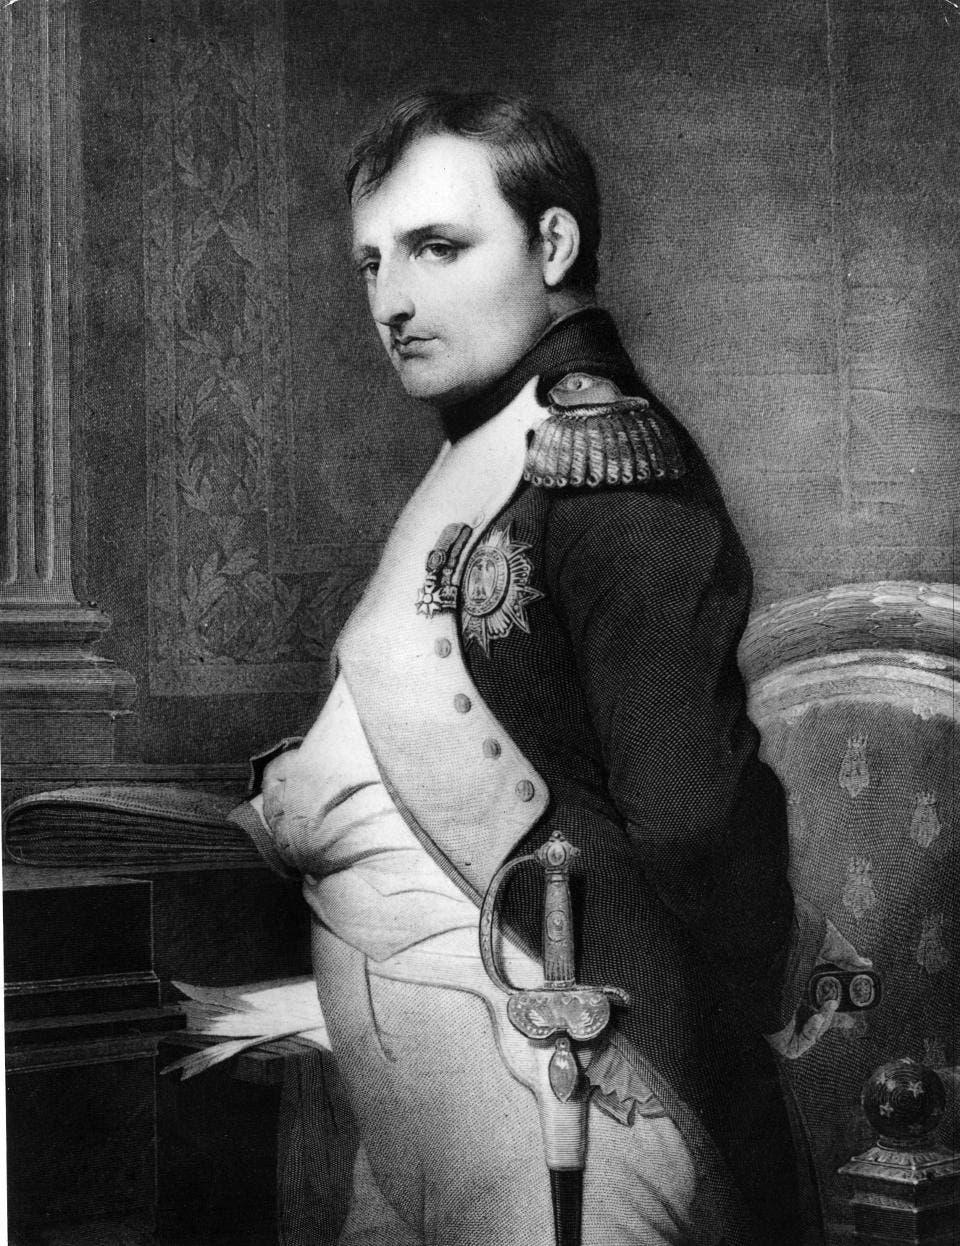 صورة تجسد شخصية نابليون بونابرت